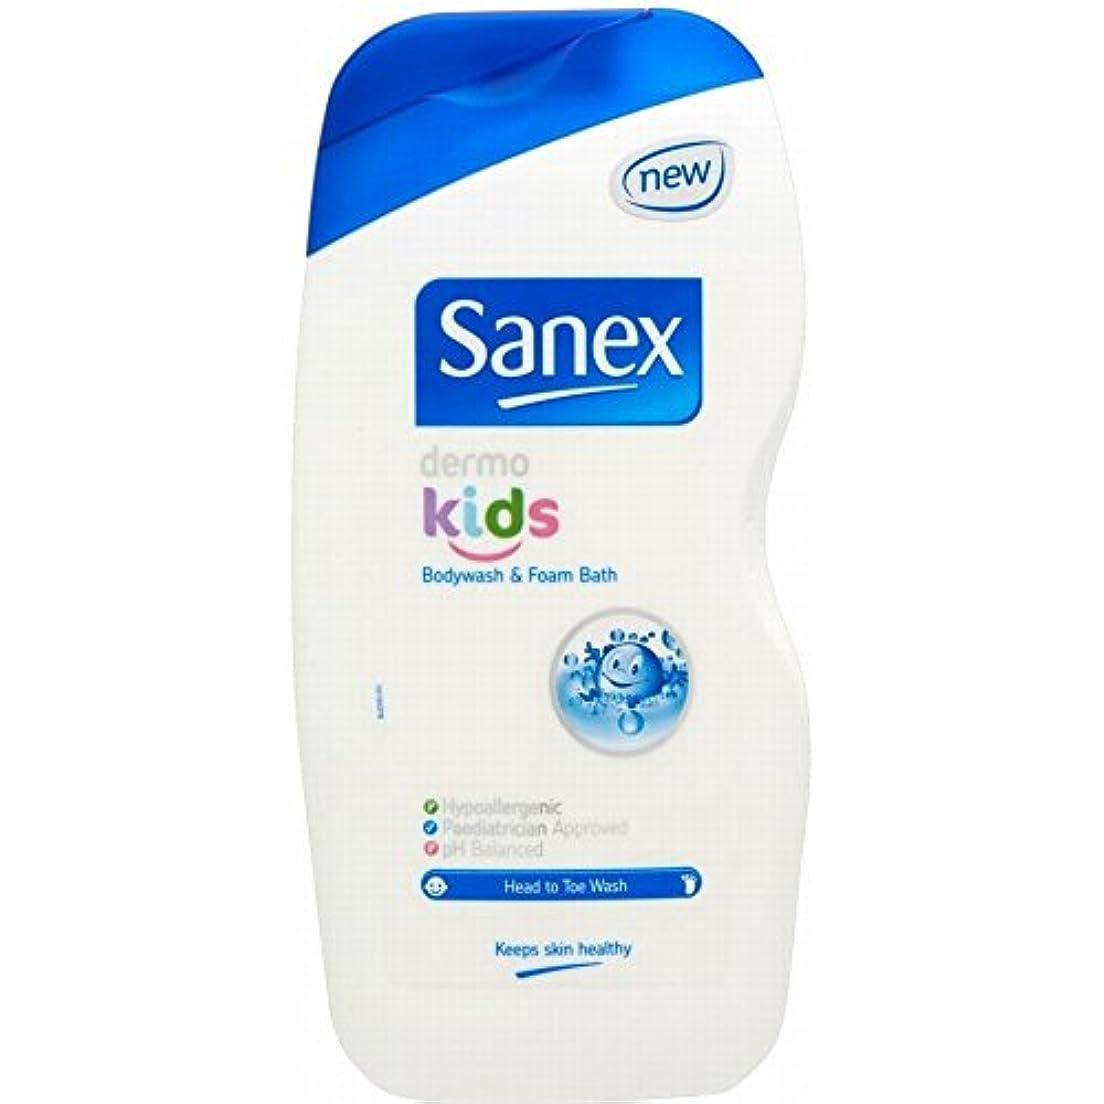 農民プラグ喪Sanex Dermo Kids Body Wash & Foam Bath (500ml) Sanex真皮キッズボディウォッシュと泡風呂( 500ミリリットル) [並行輸入品]